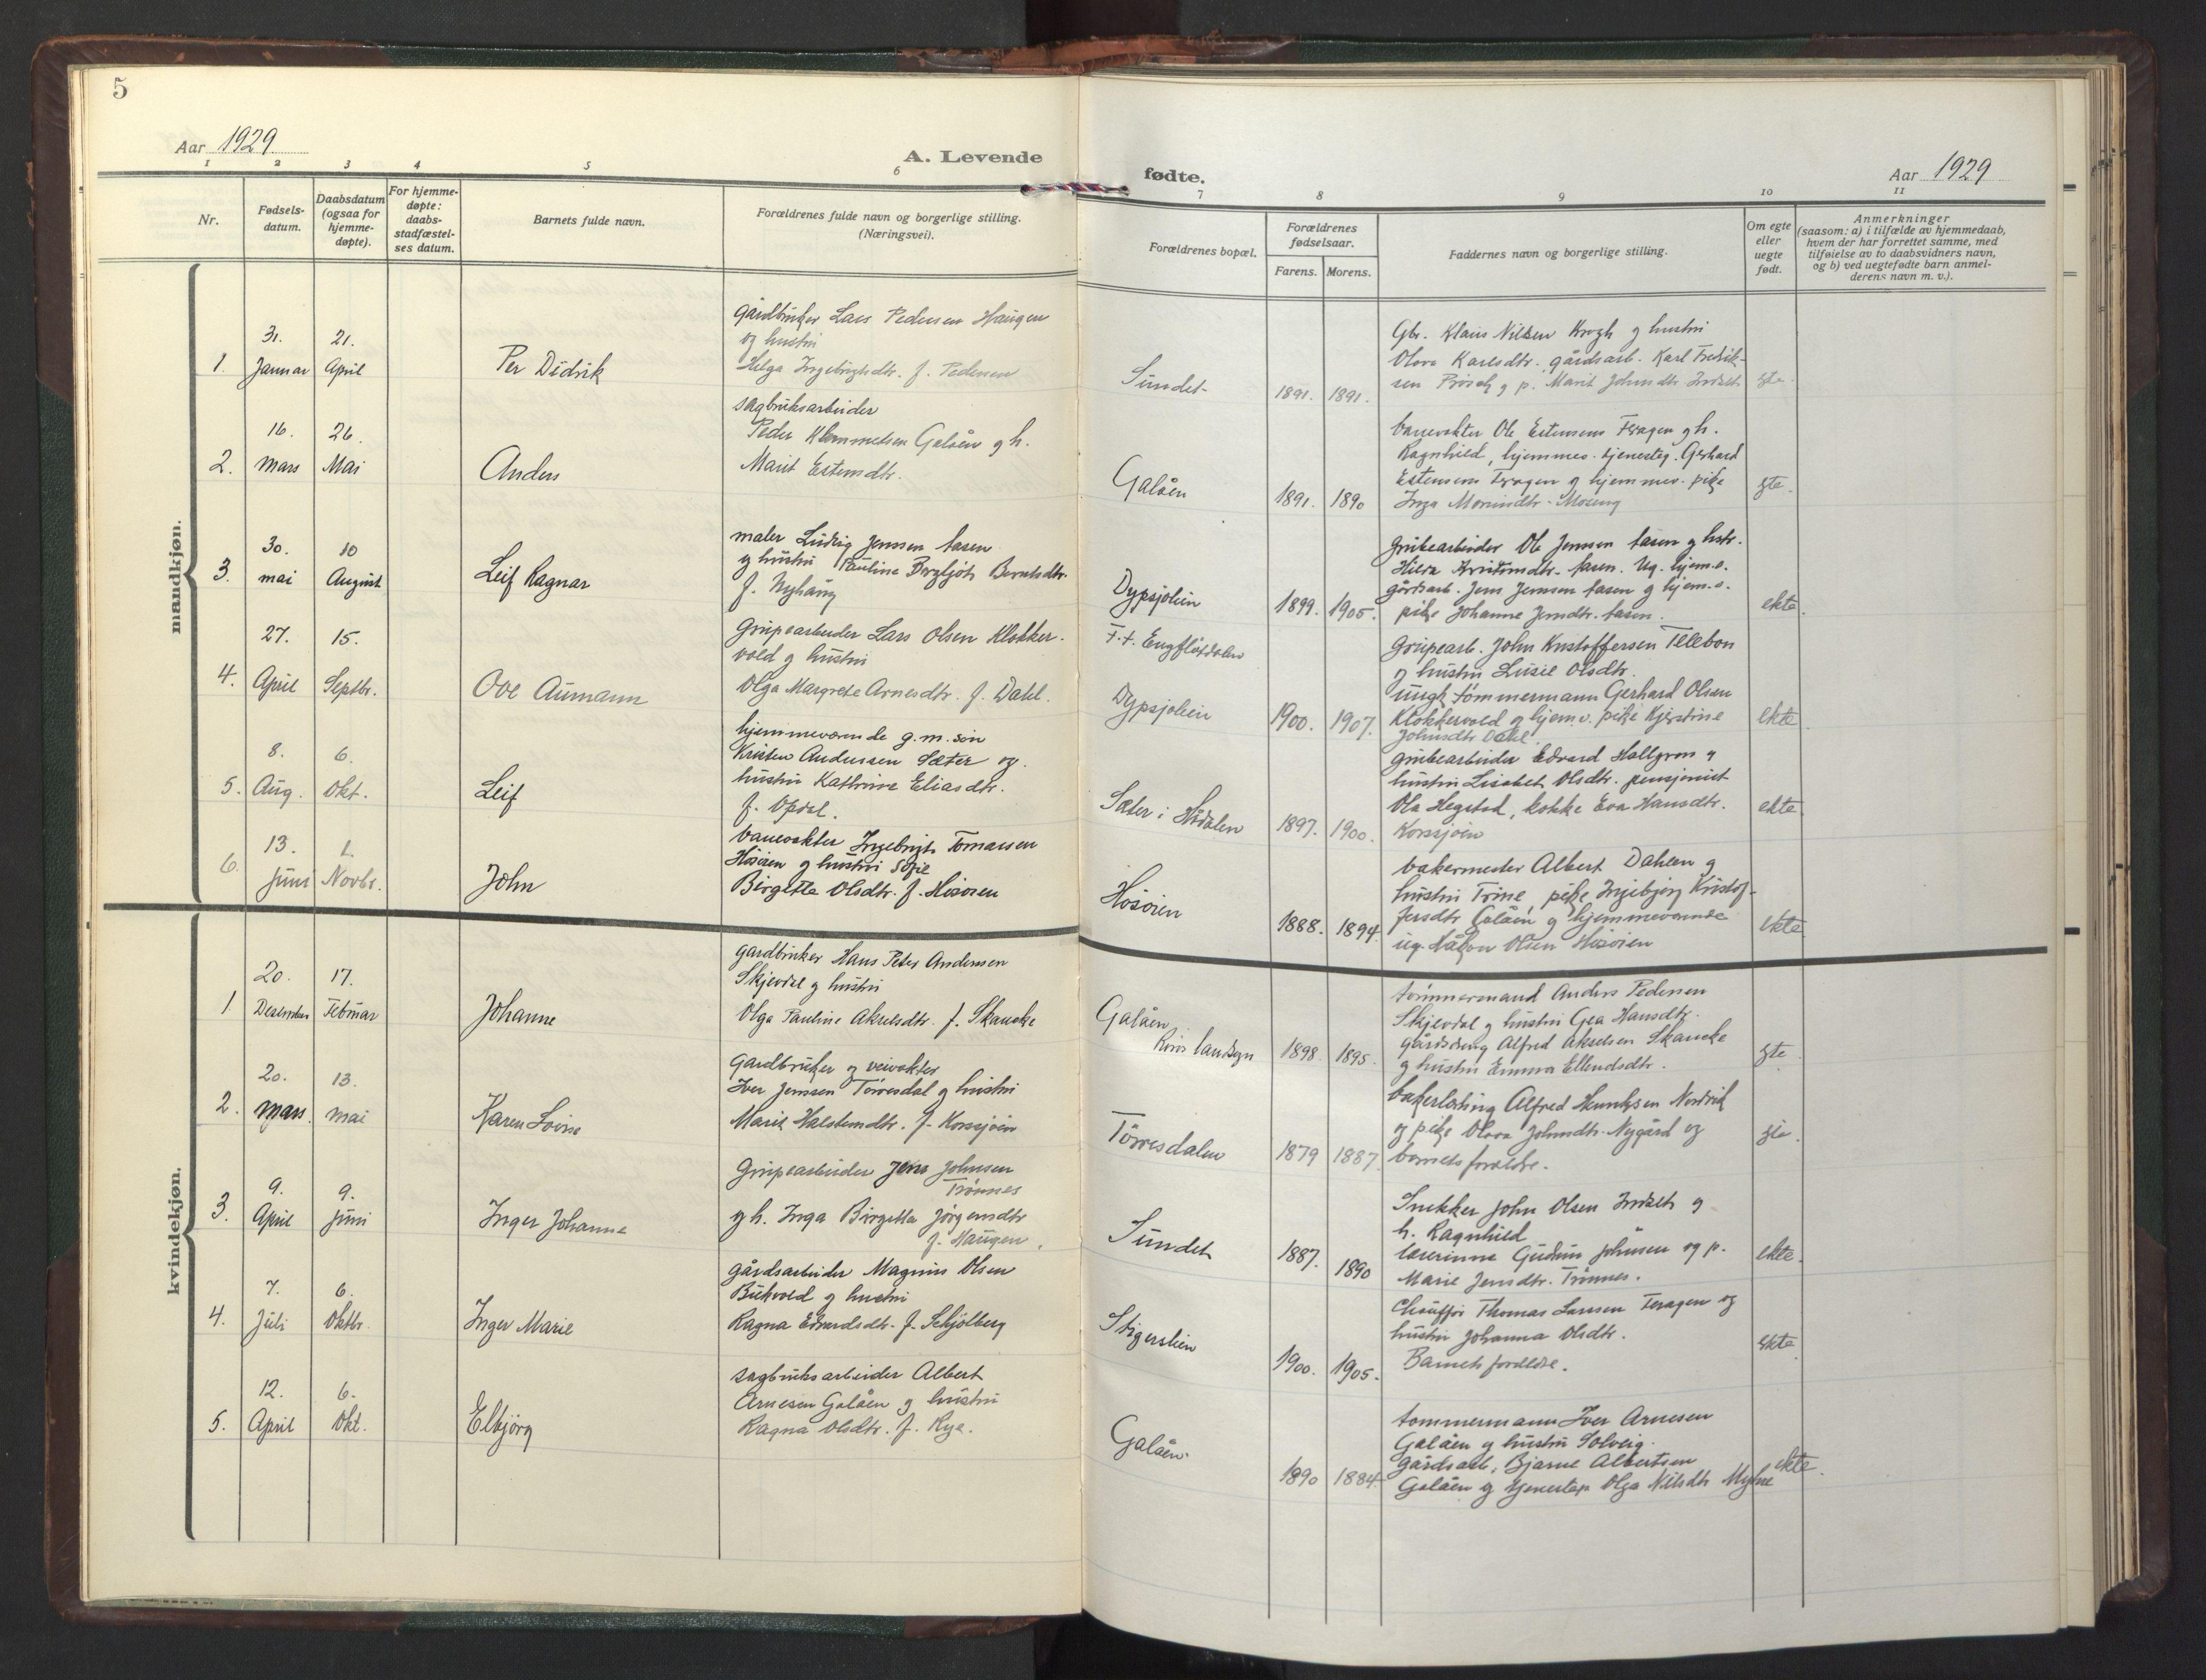 SAT, Ministerialprotokoller, klokkerbøker og fødselsregistre - Sør-Trøndelag, 681/L0944: Klokkerbok nr. 681C08, 1926-1954, s. 5